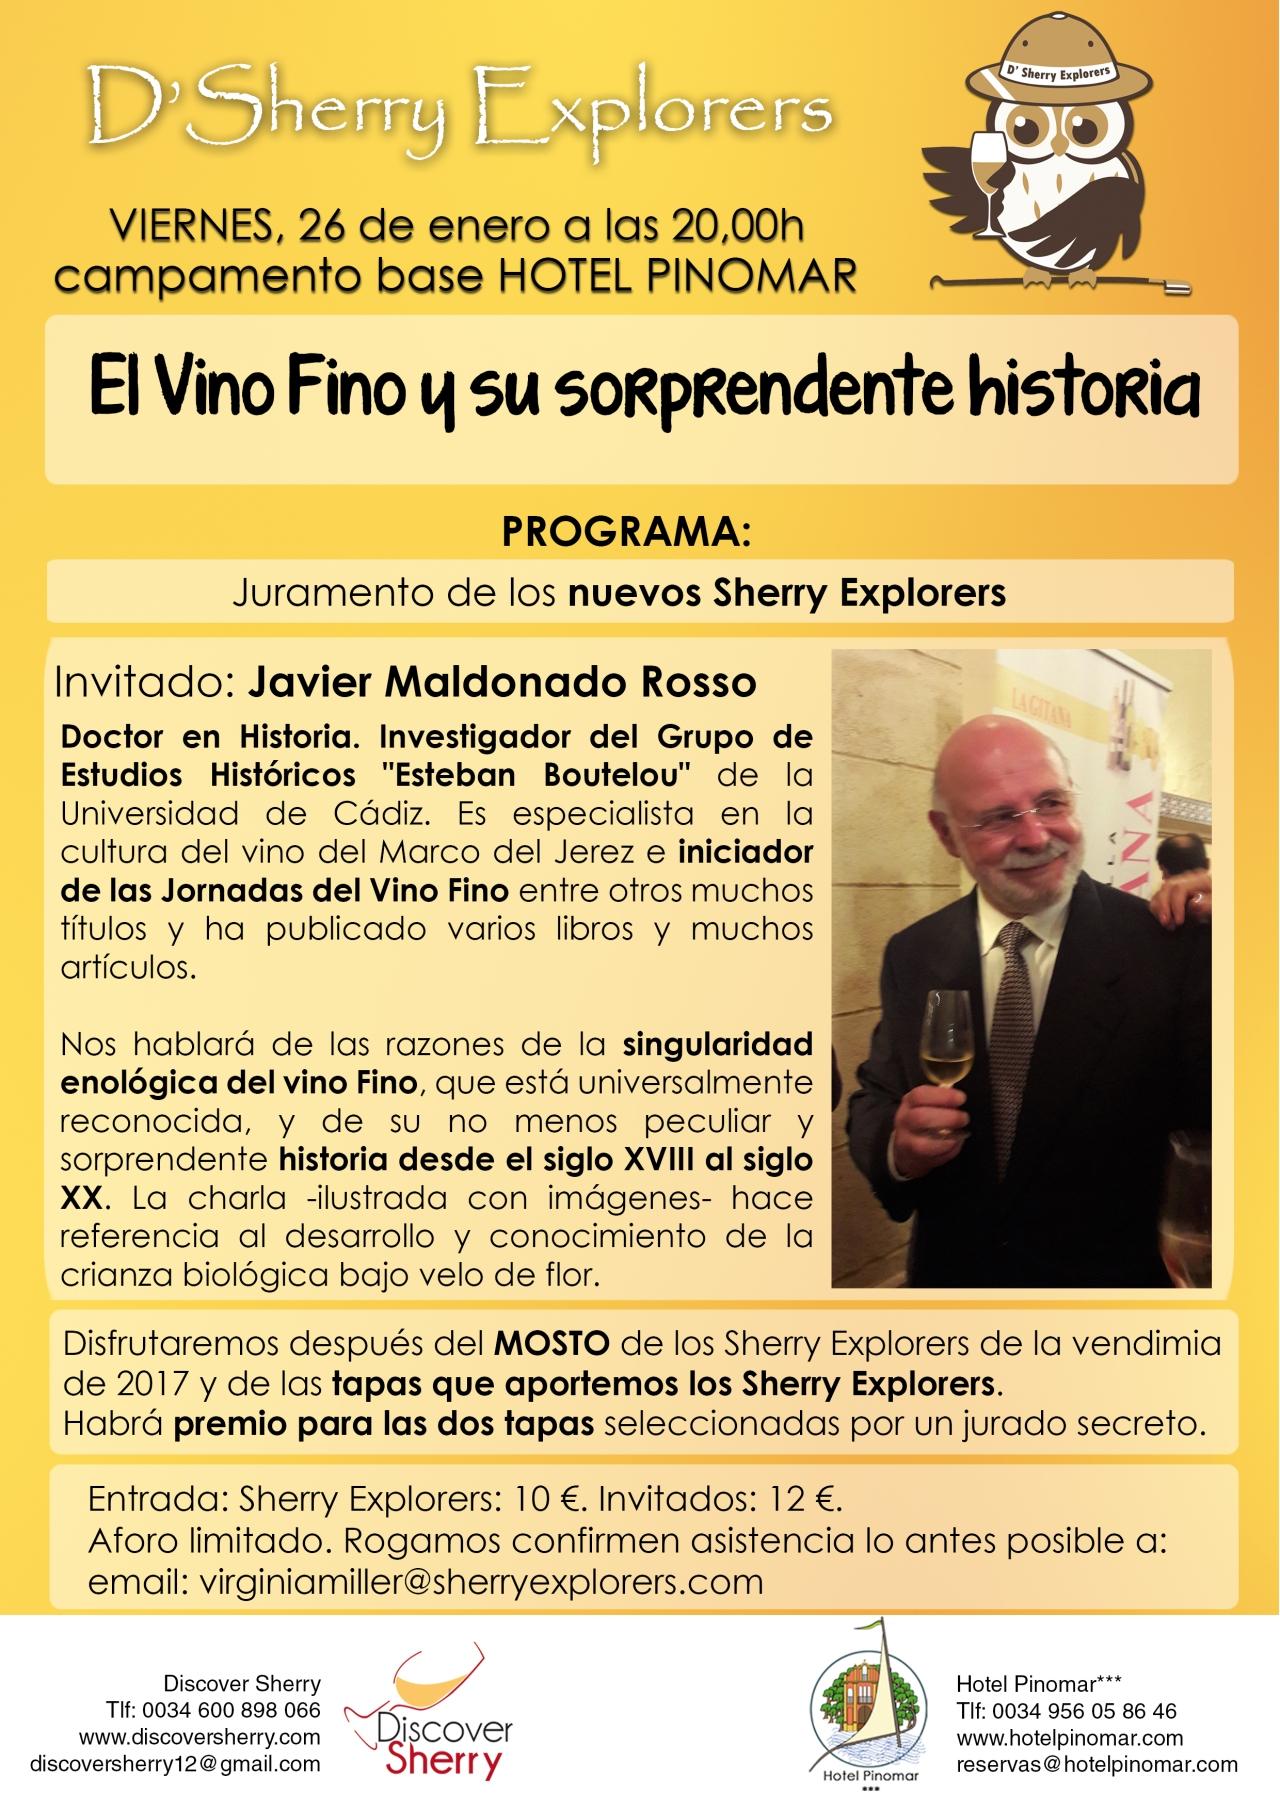 Próximo invitado de los Sherry Explorers: Javier Maldonado Rosso(Spanish)